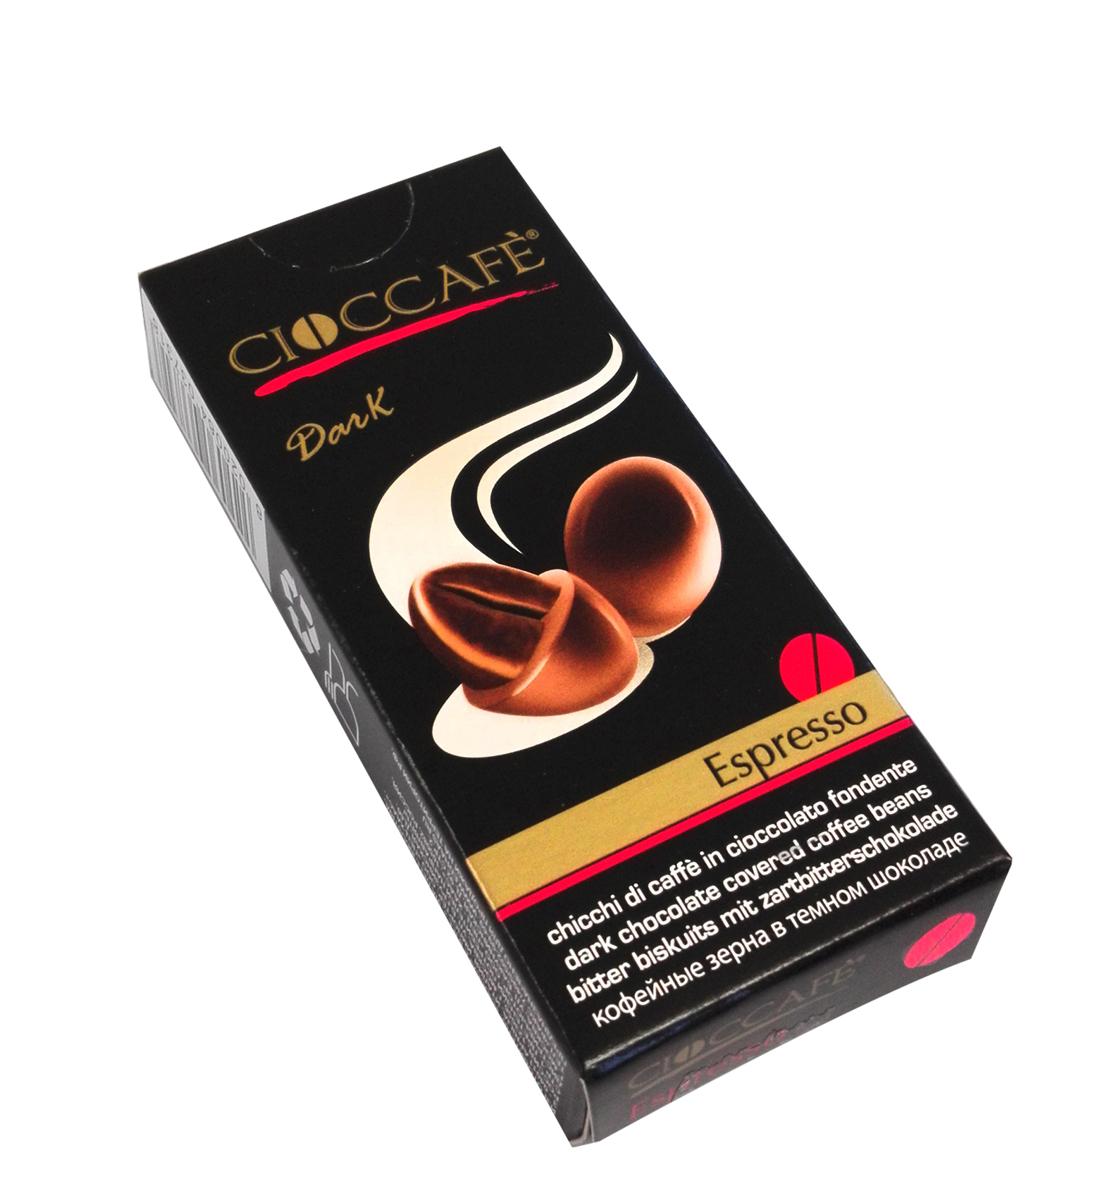 Cioccafe Эспрессо тайм кофейные зерна в темном шоколаде, 25 г45009Драже Cioccafe Эспрессо тайм - обжаренные кофейные зерна, покрытые шоколадом. Такая необычная комбинация ингредиентов выделяет этот продукт среди других товаров.